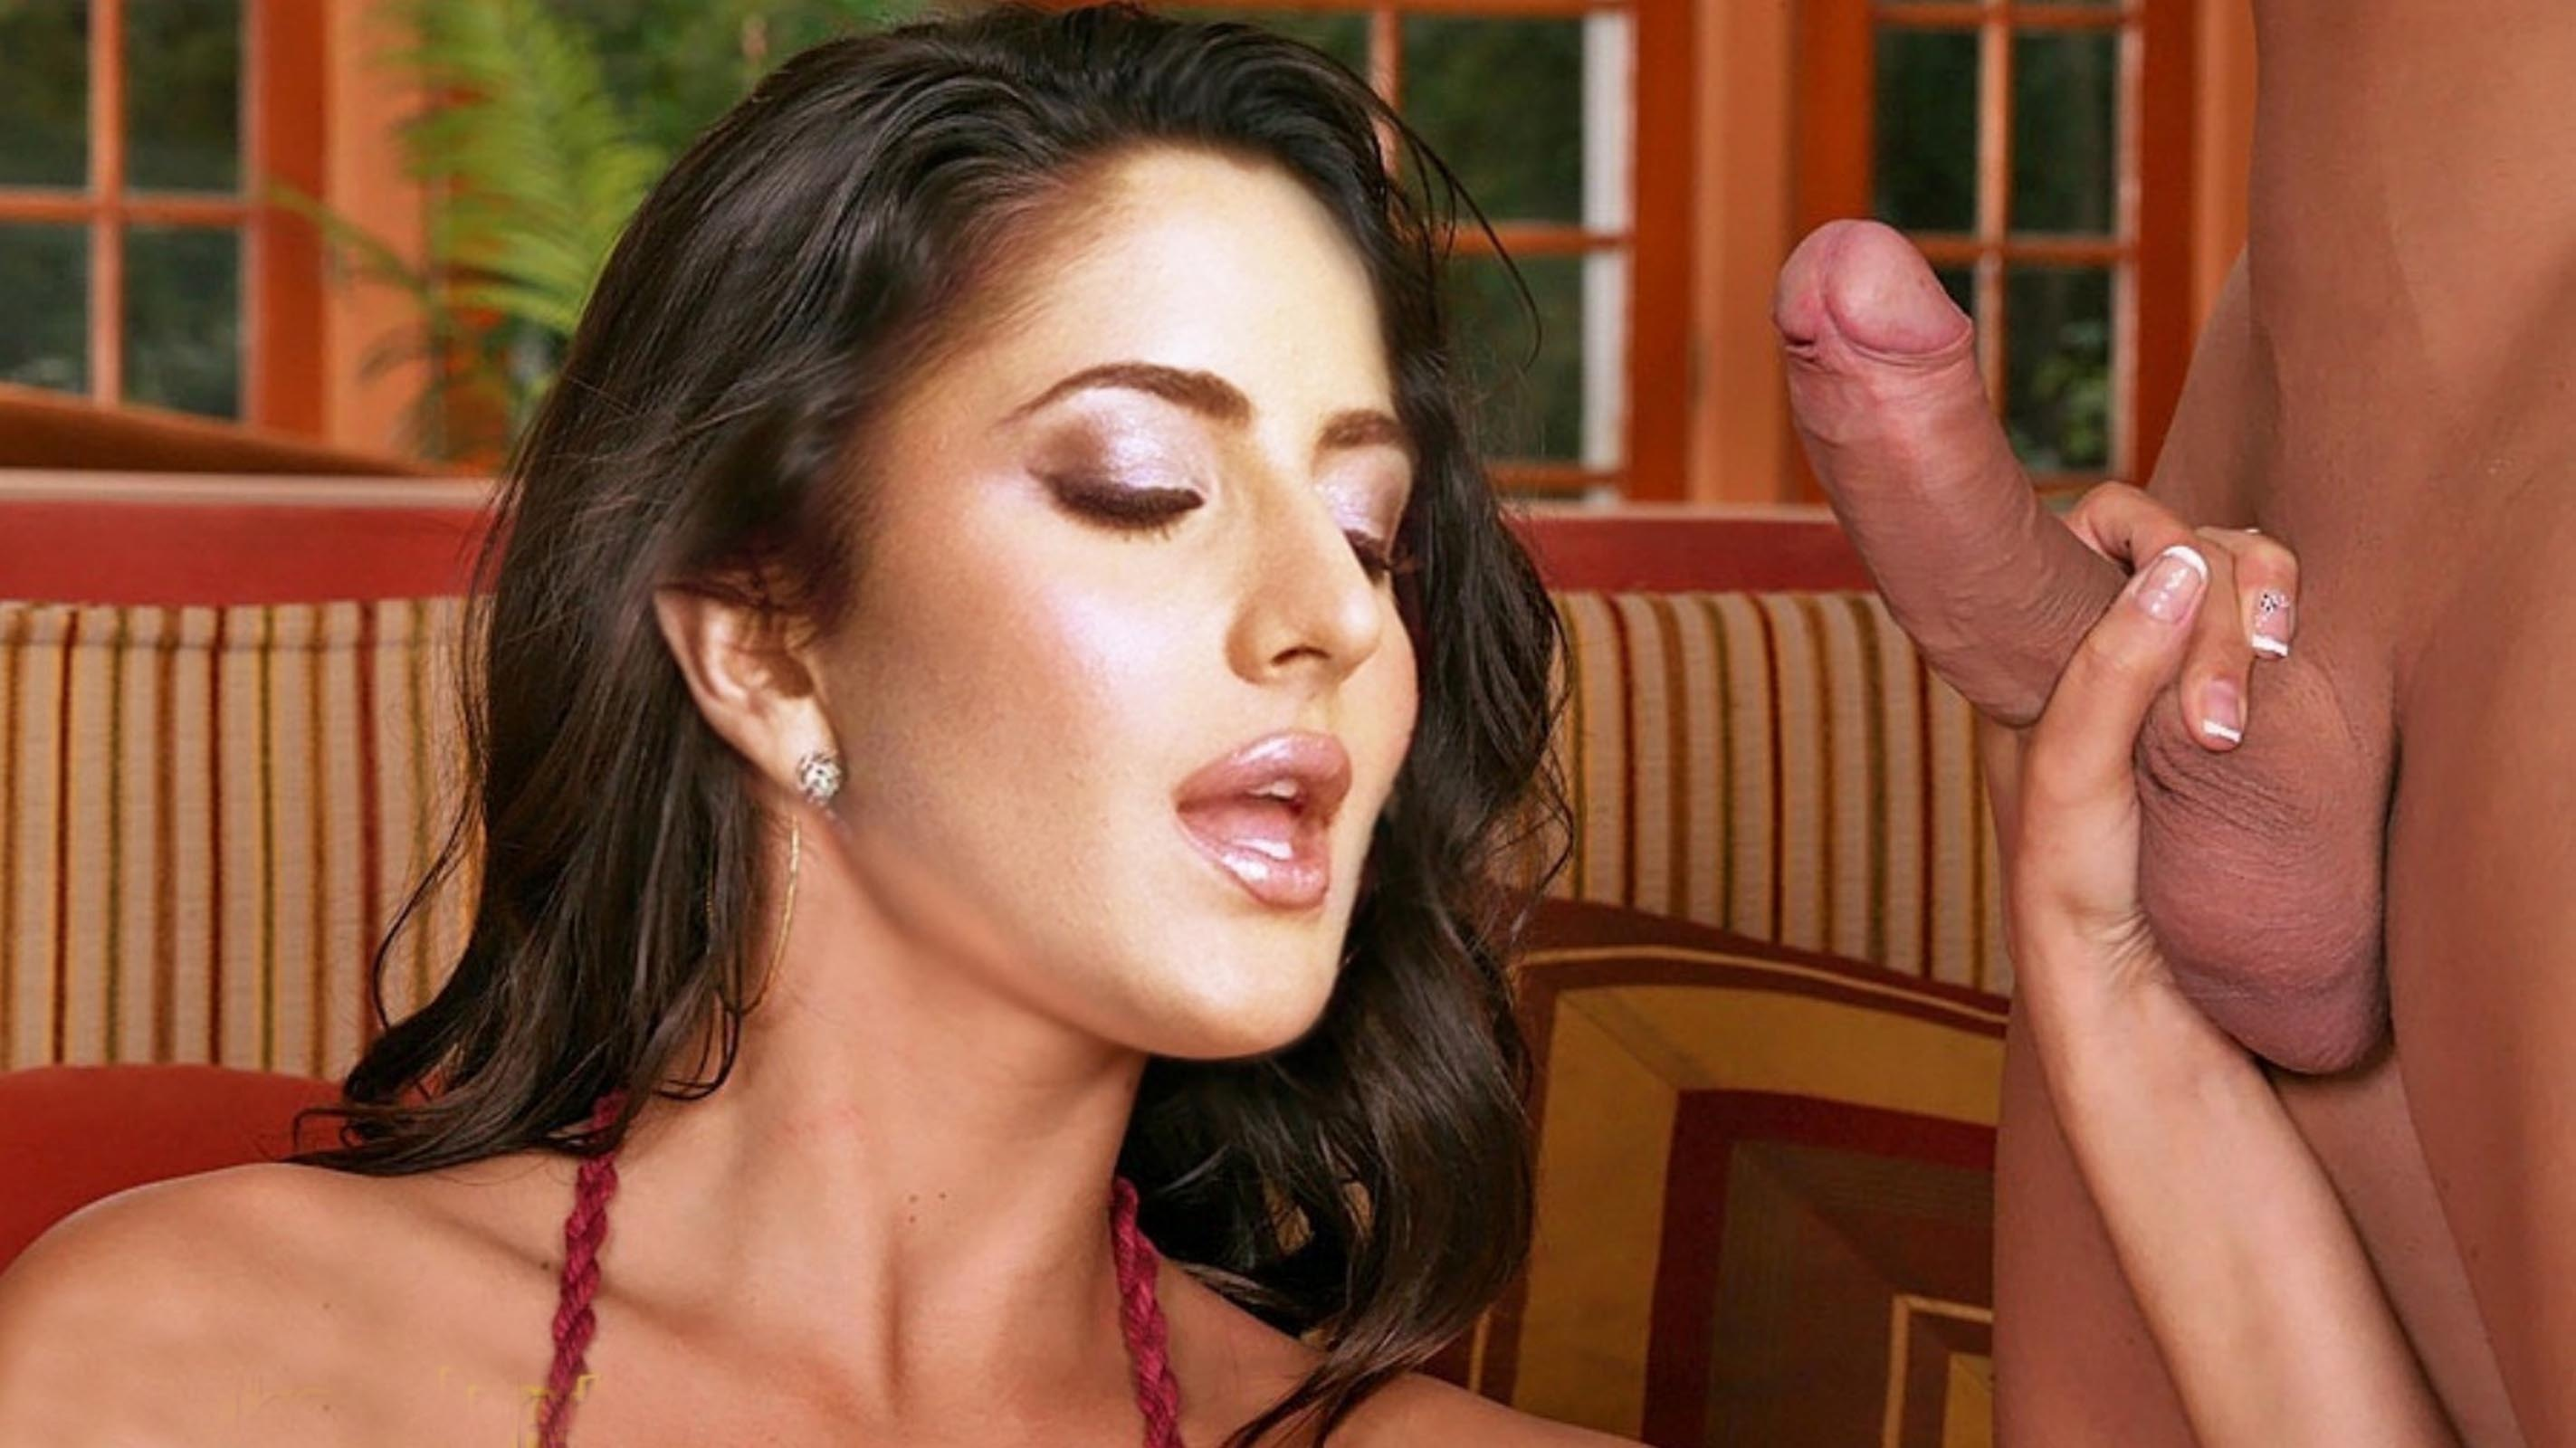 Katrina kaif nude blowjob